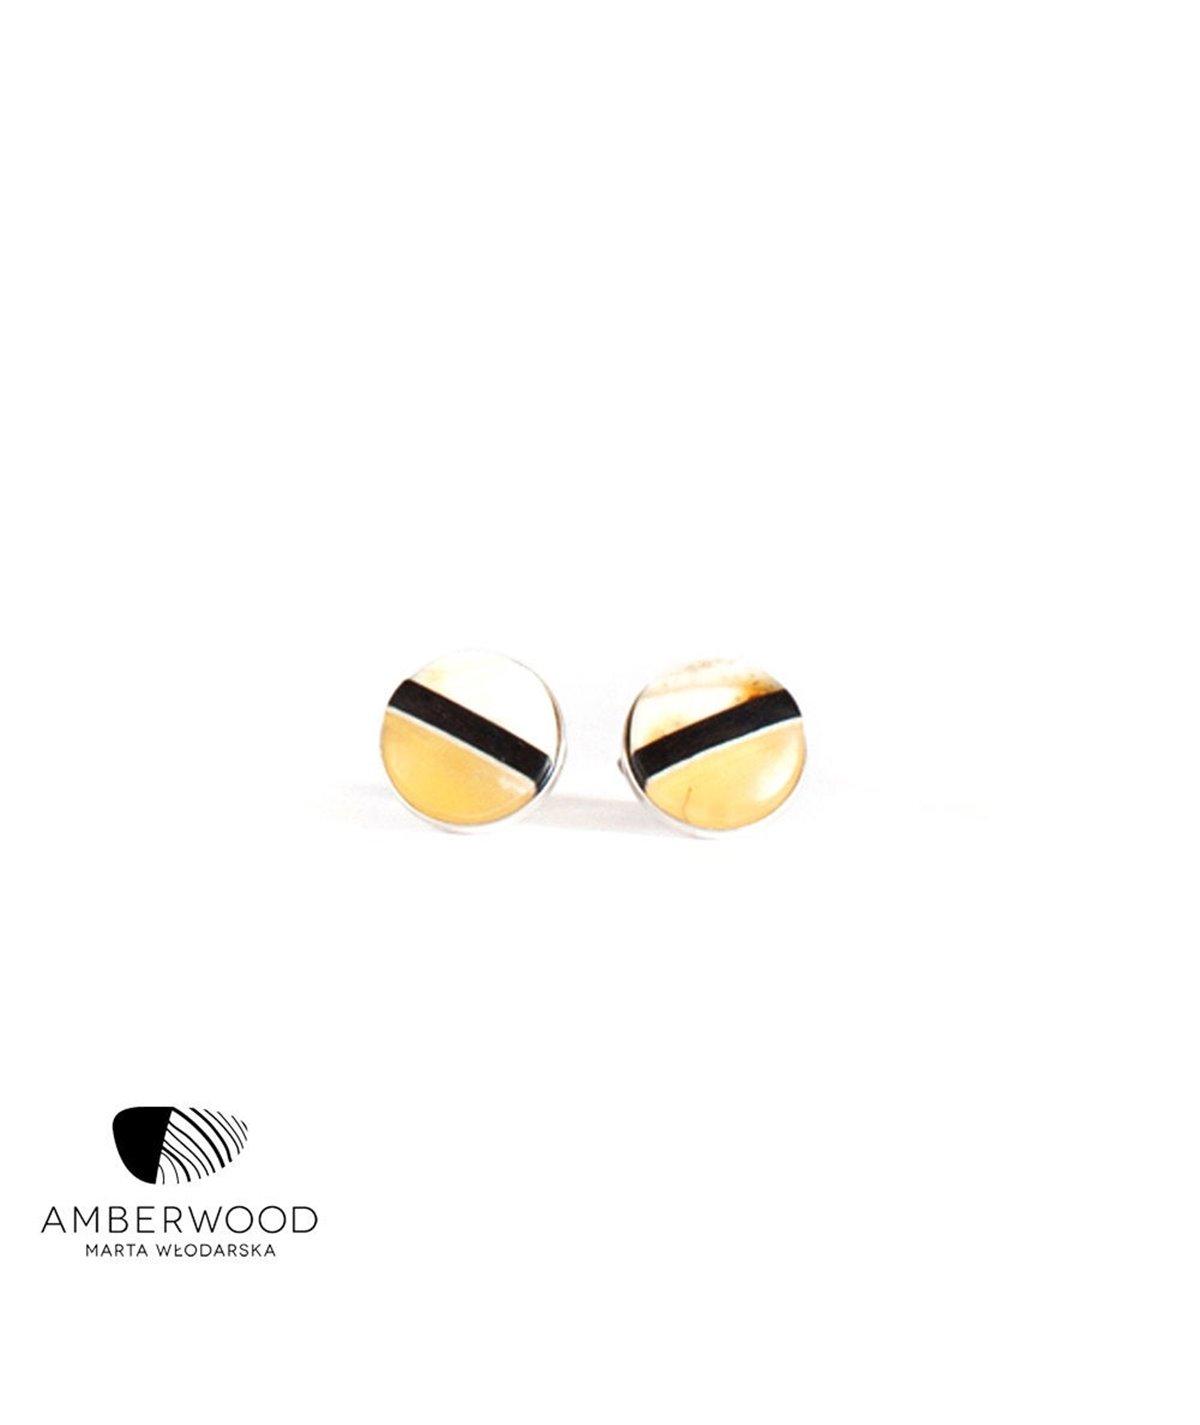 ROUND studs / pins, baltic amber + ebony + sterling silver, yellow black, Amberwood Marta Wlodarska